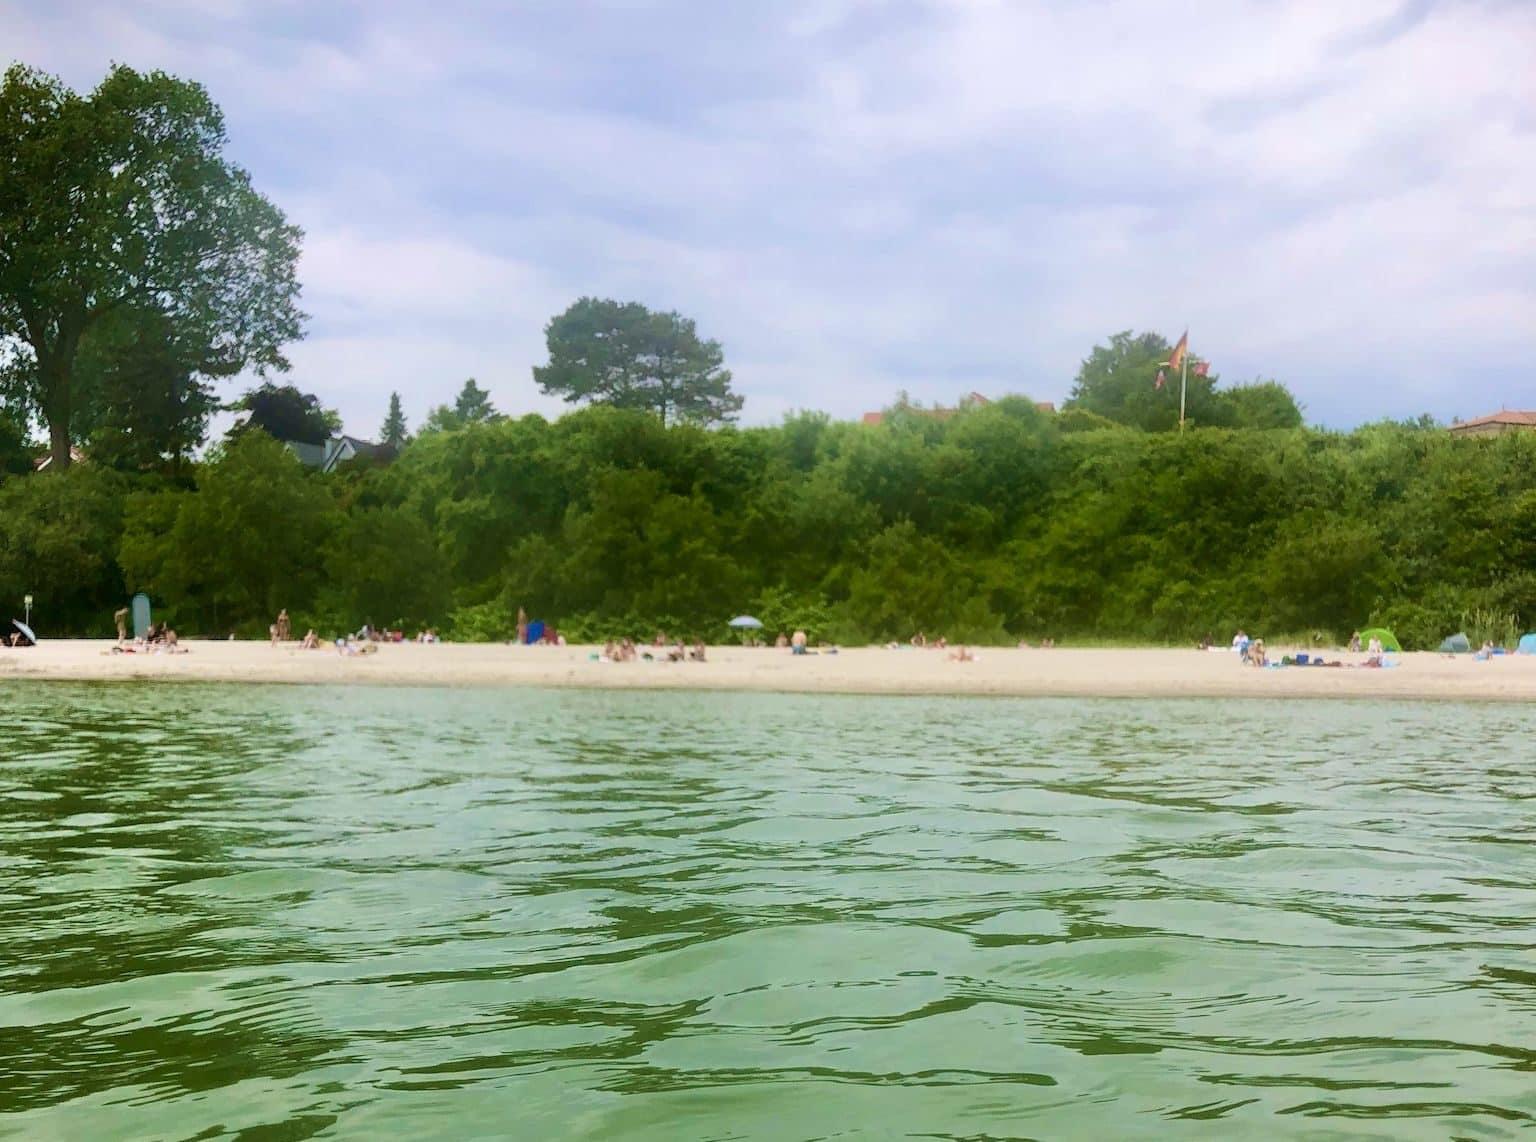 Schoenster Strand der Ostsee Sierksdorf Luebecker Bucht DeutschlandIMG 4716 edited Schönster Strand der Ostsee: Insider-Tipp für Deinen Strandurlaub